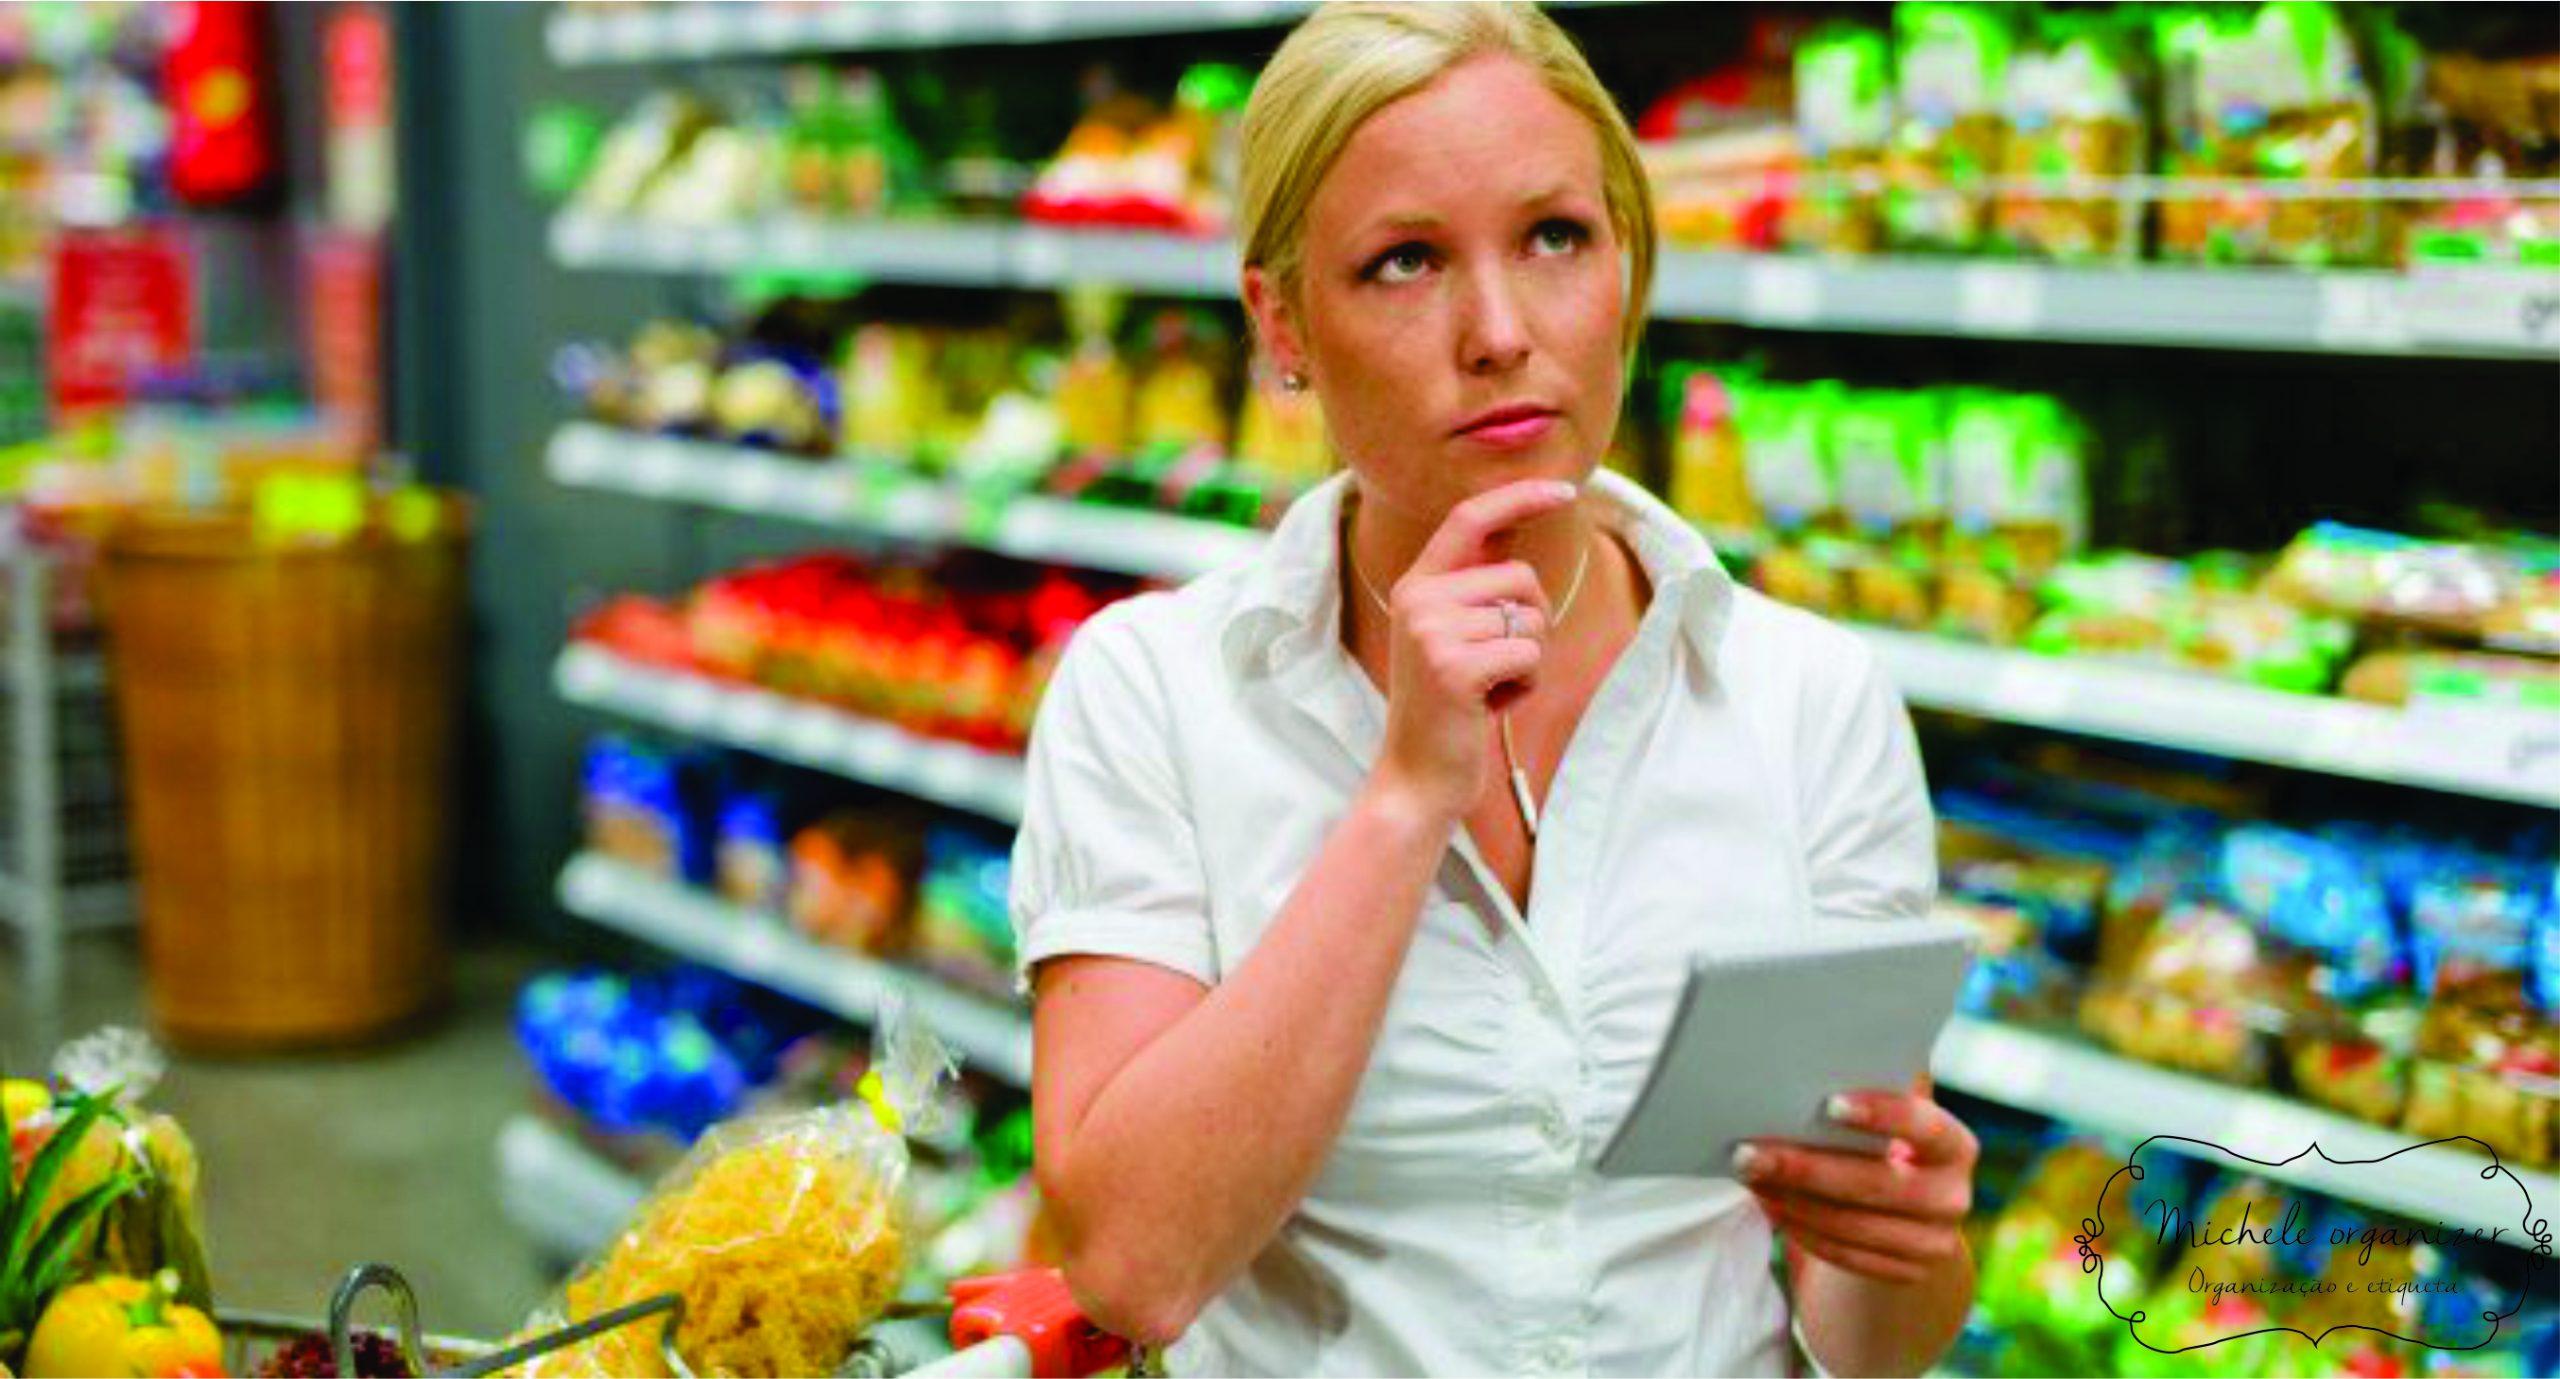 6 dicas para planejar as compras de supermercado e reduzir gastos